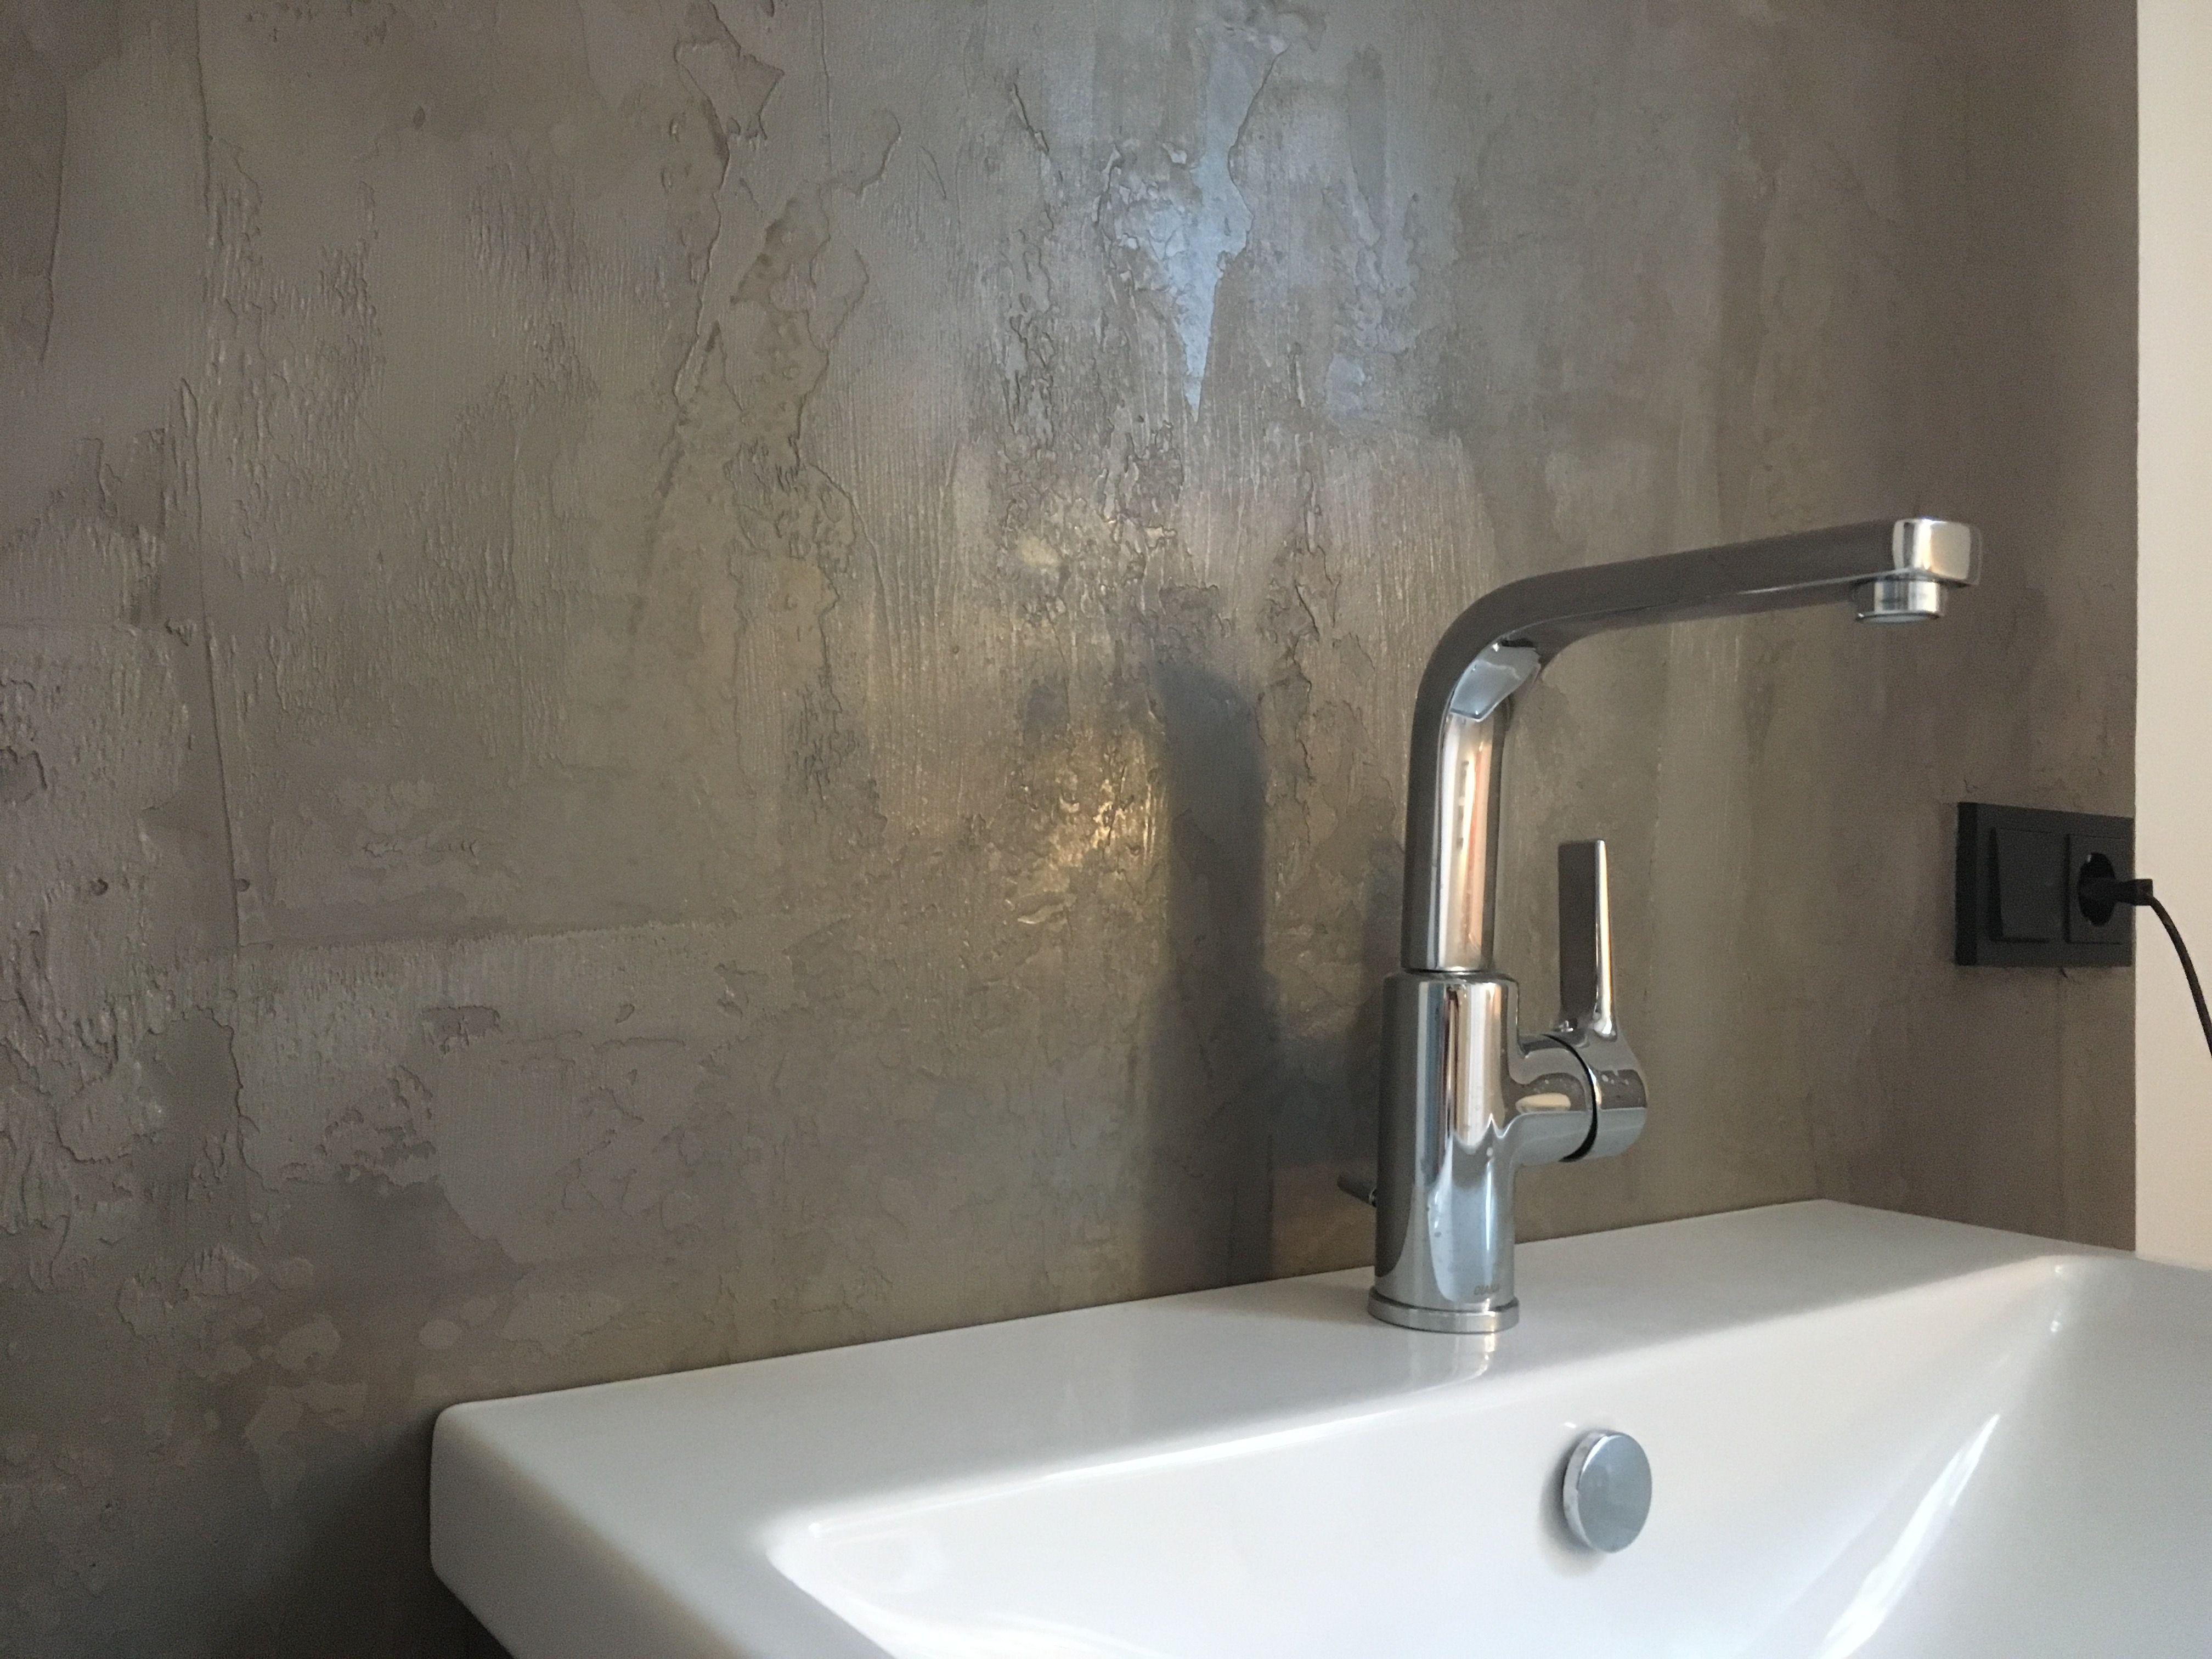 Wande Sind Nicht Gleich Wande Besondere Materialien Und Handwerkliches Geschick Machen Wande Zu Etwas Bes Fugenloses Bad Wandgestaltung Betonoptik Waschbecken